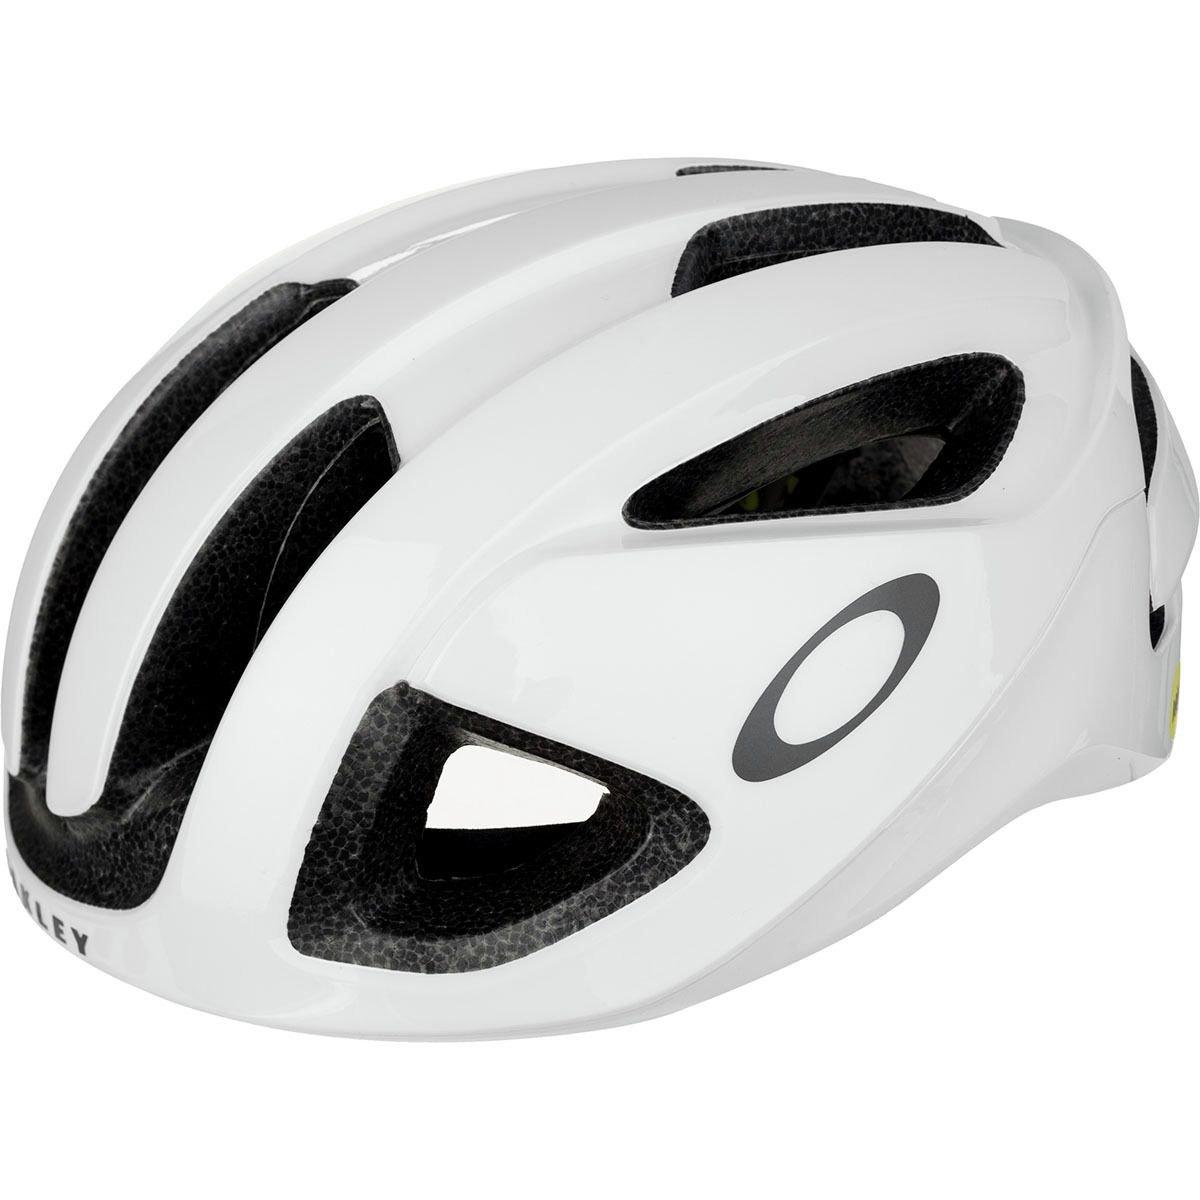 Oakley ARO3 Cycling Helmet White Large by Oakley